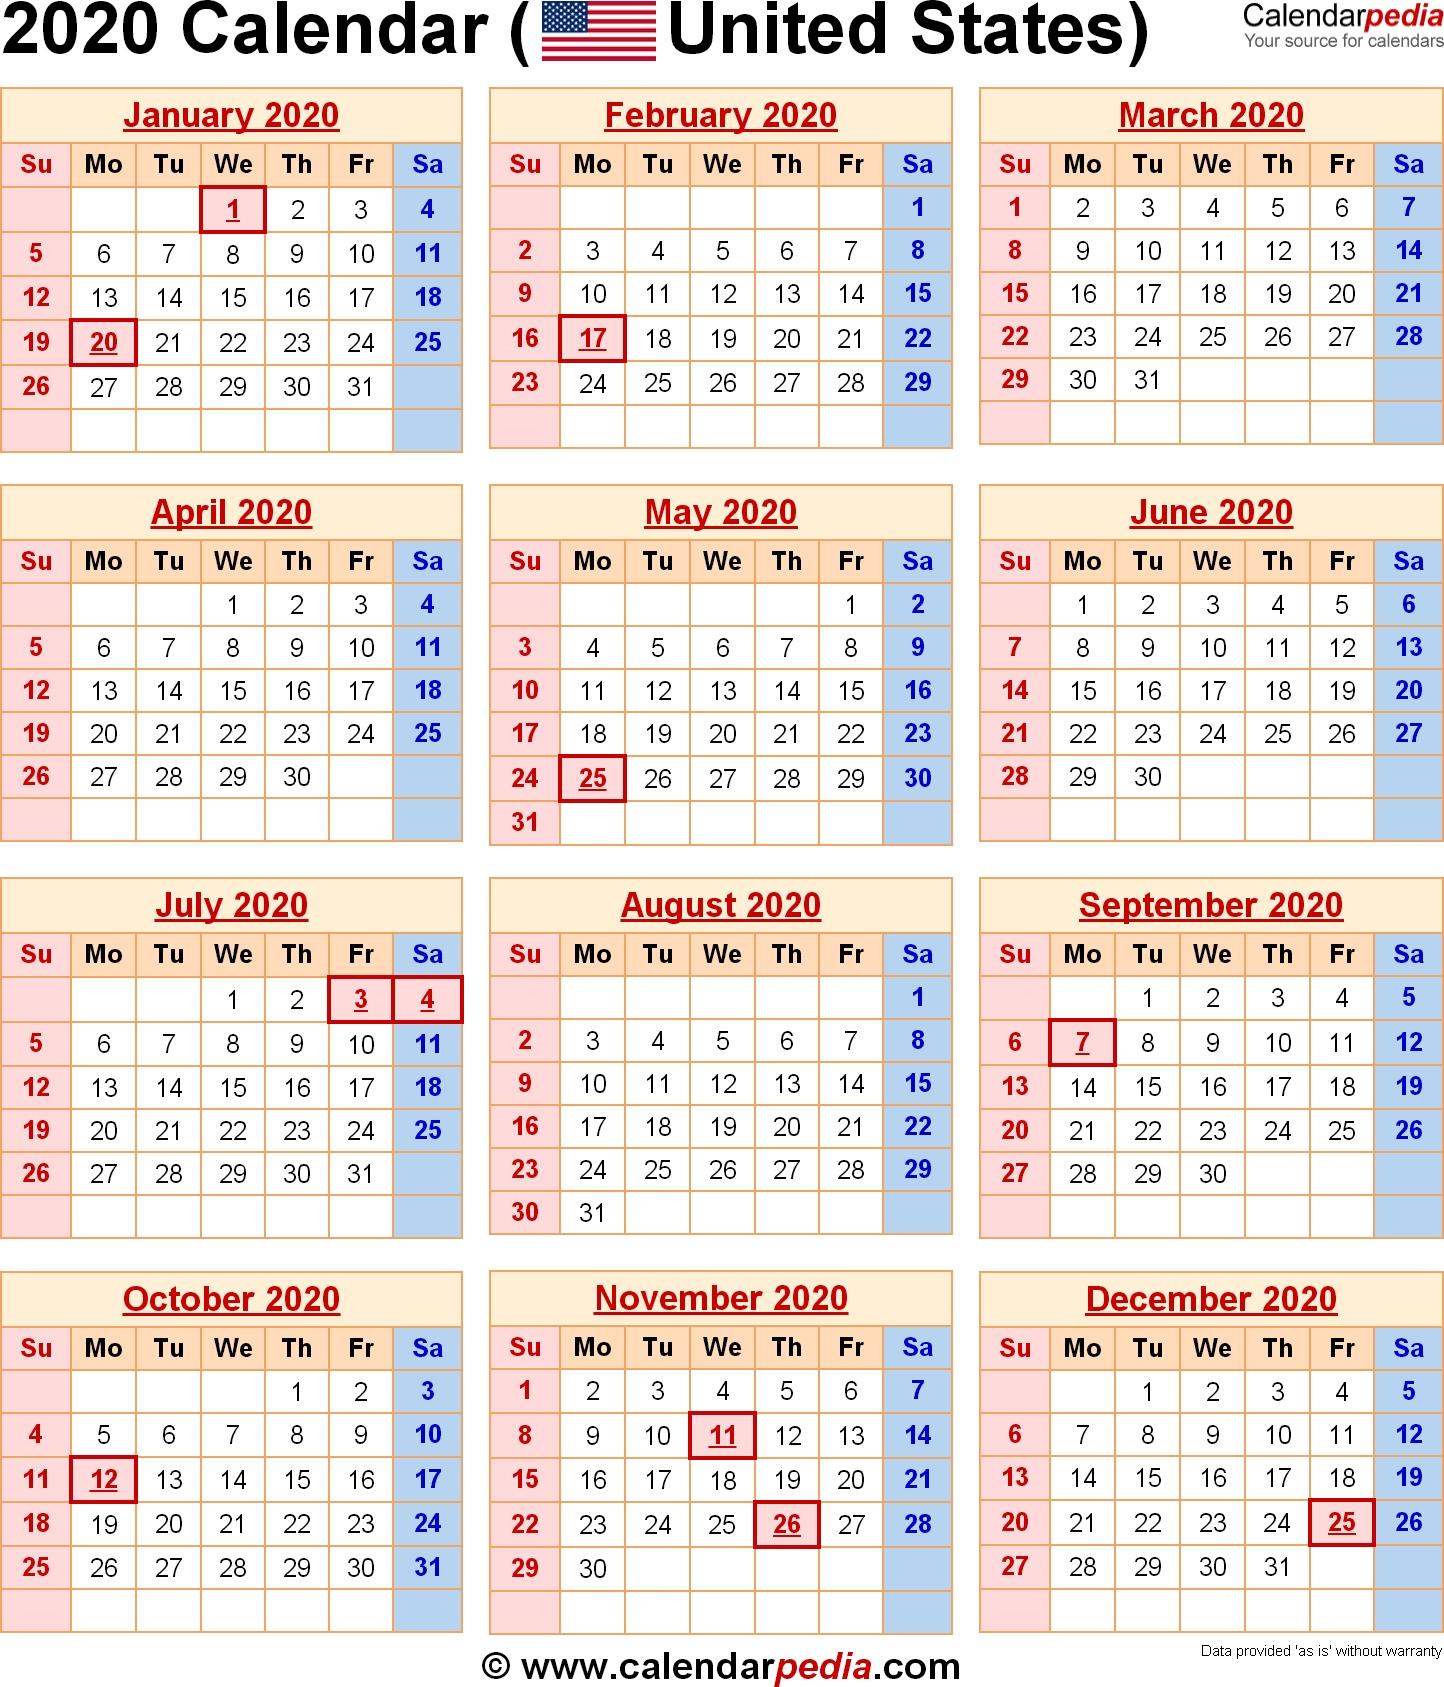 2020 Calendar With Federal Holidays-2020 Calendar With Holidays Listed